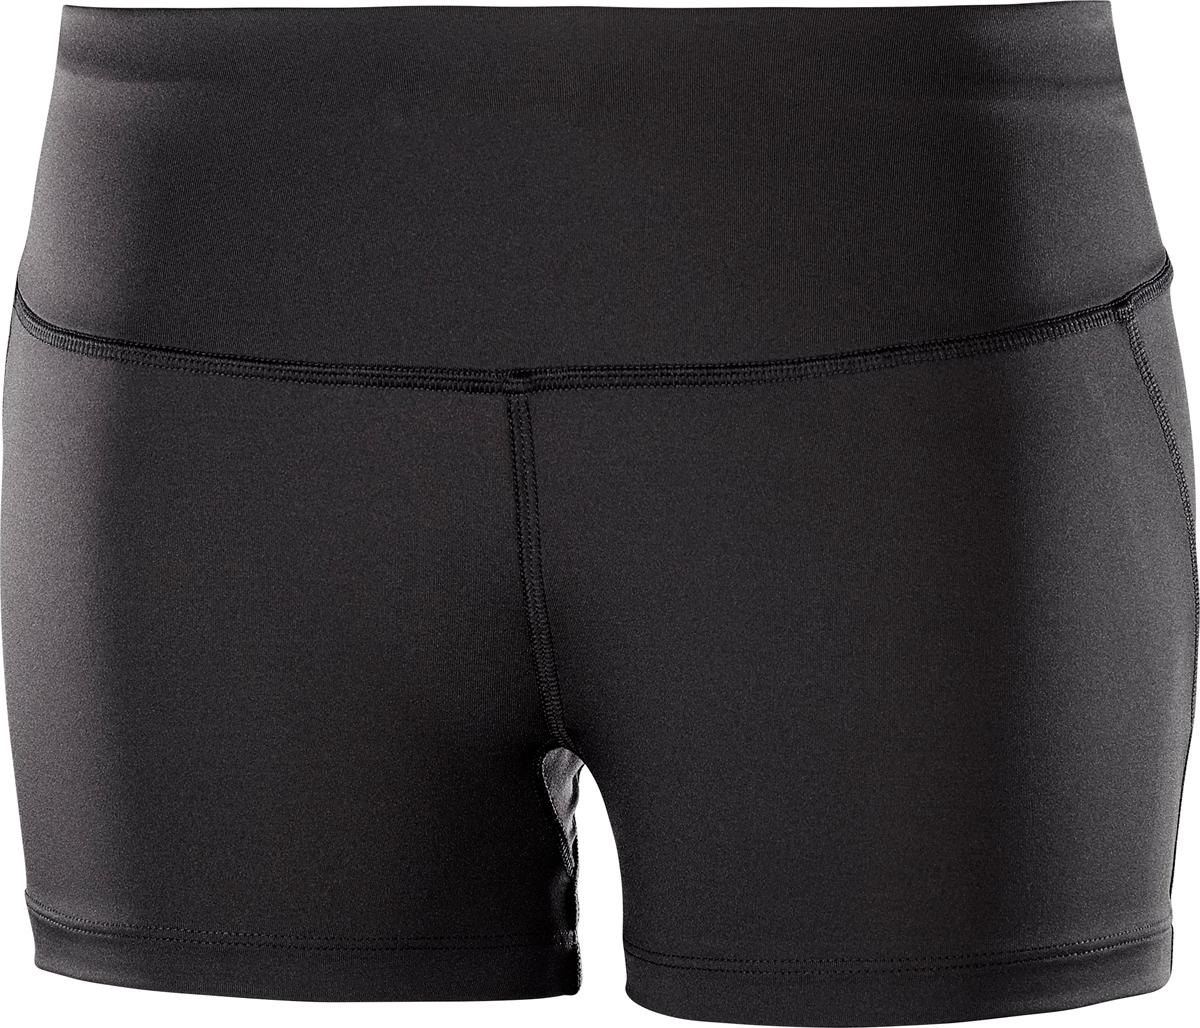 Шорты женские Salomon Agile Short Tight W, цвет: черный. L40127200. Размер XS (40/42)L40127200